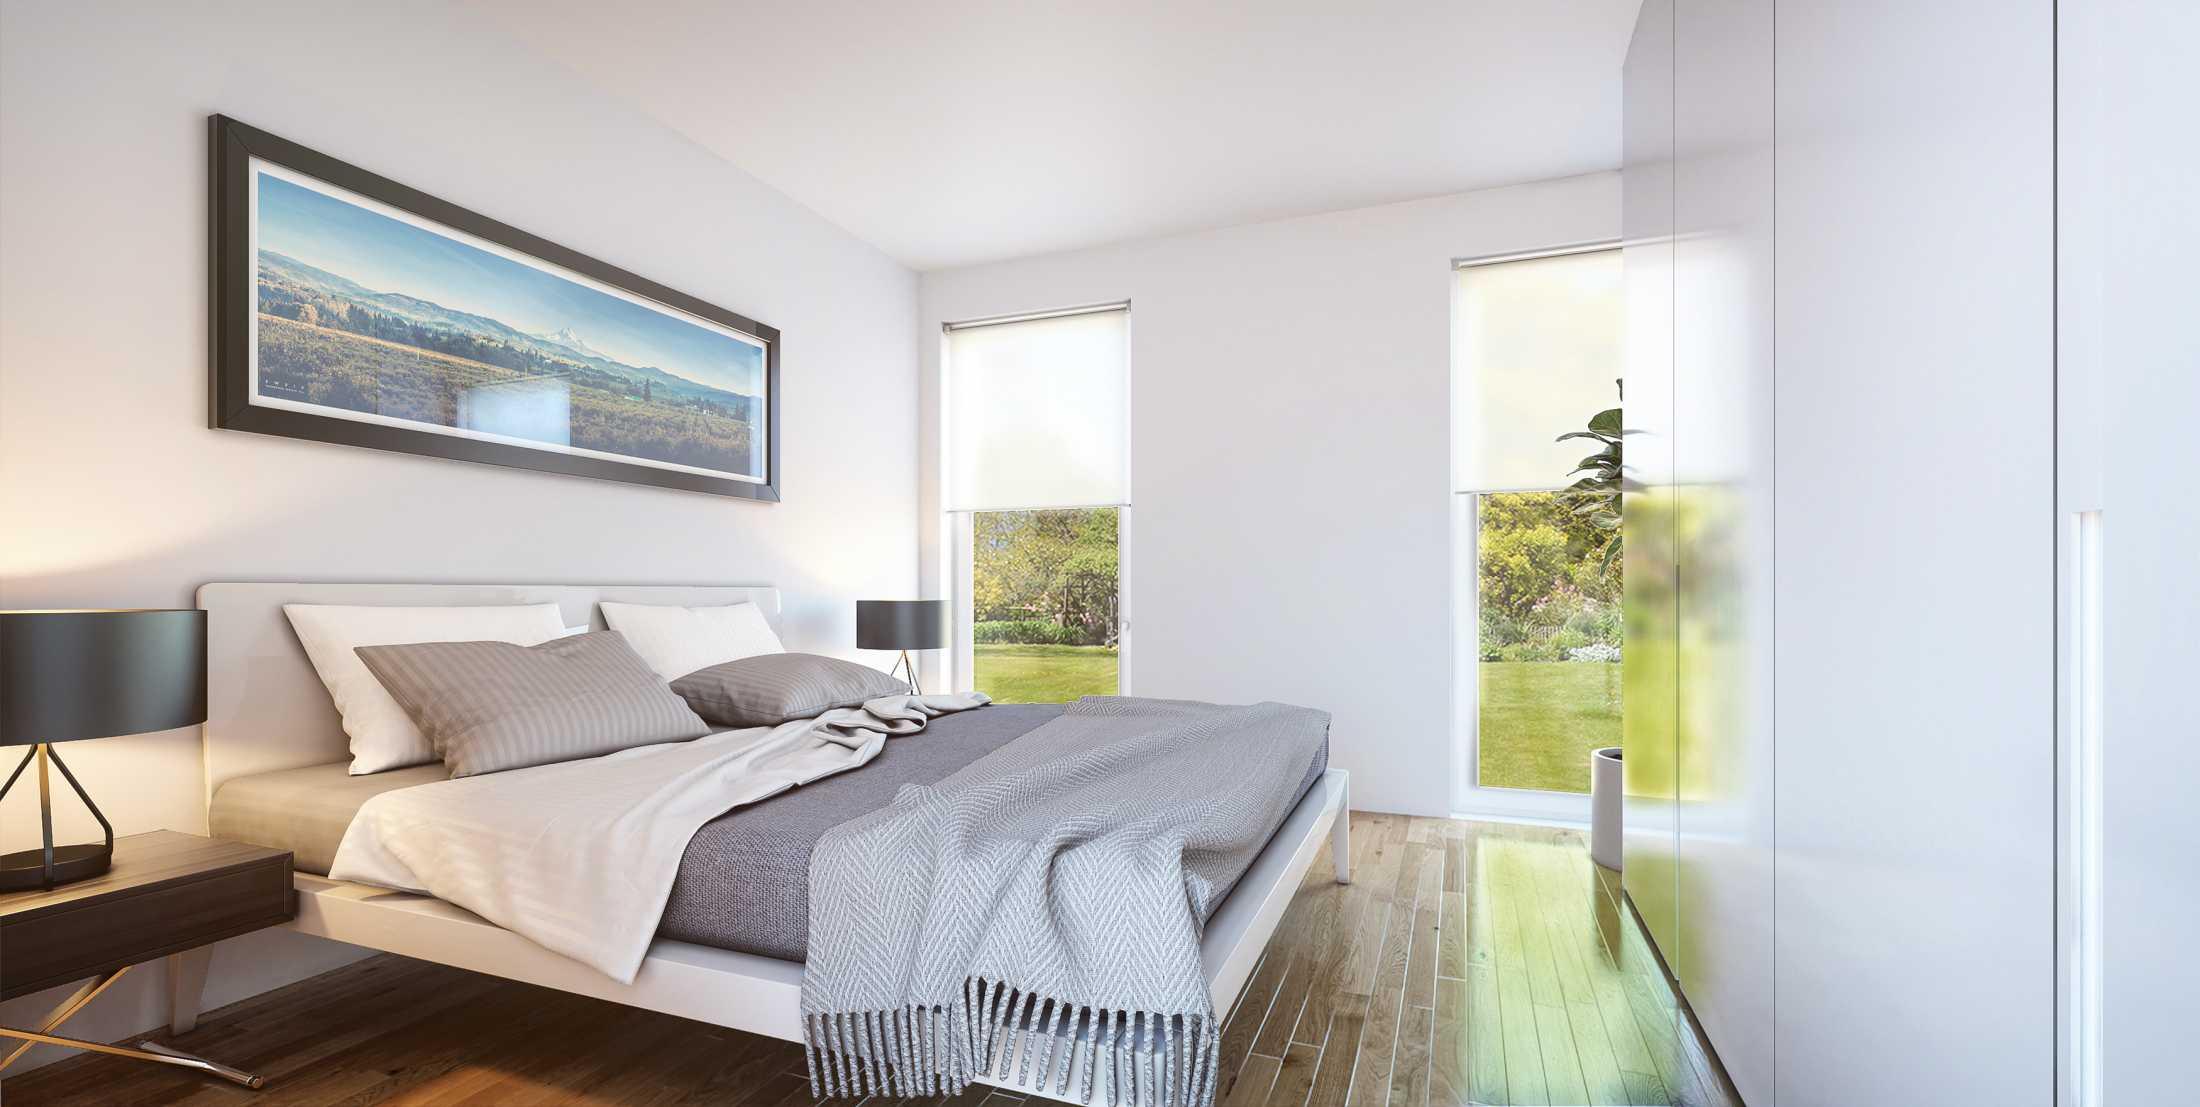 Wohnraum Visualisierung Schlafzimmer